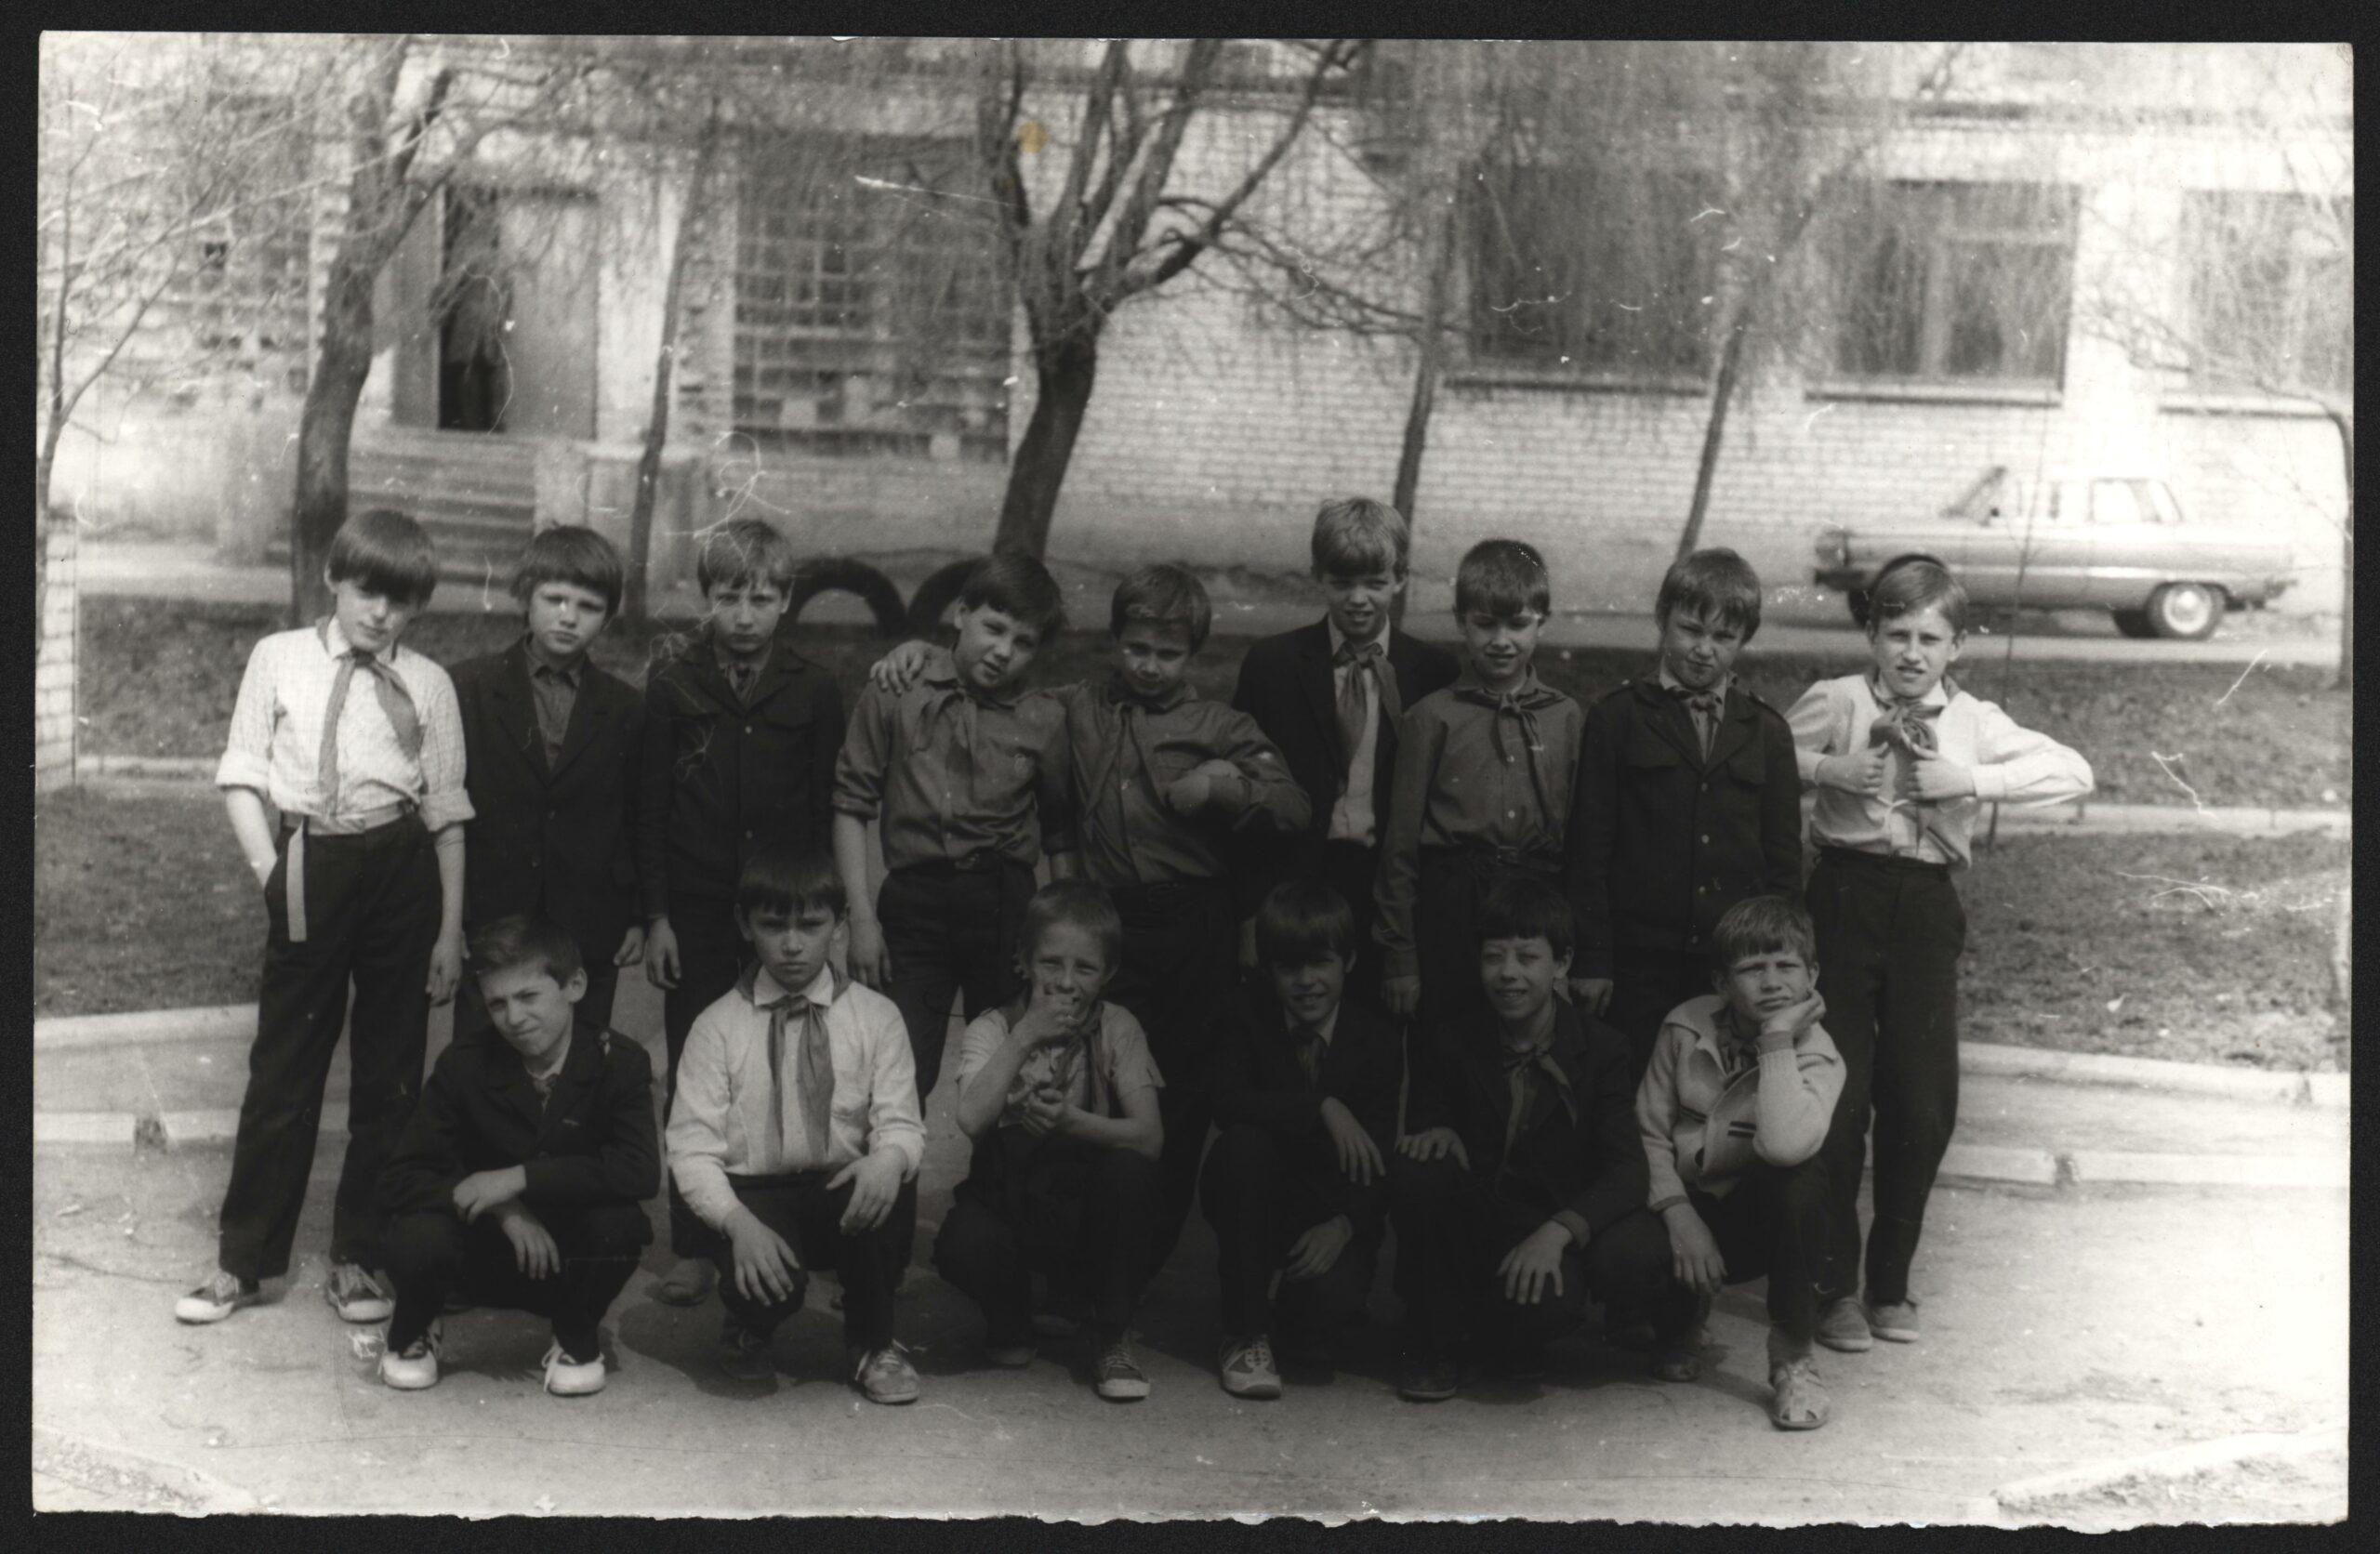 Піонери. 1980-ті рр. Фото: Олександр Бойко